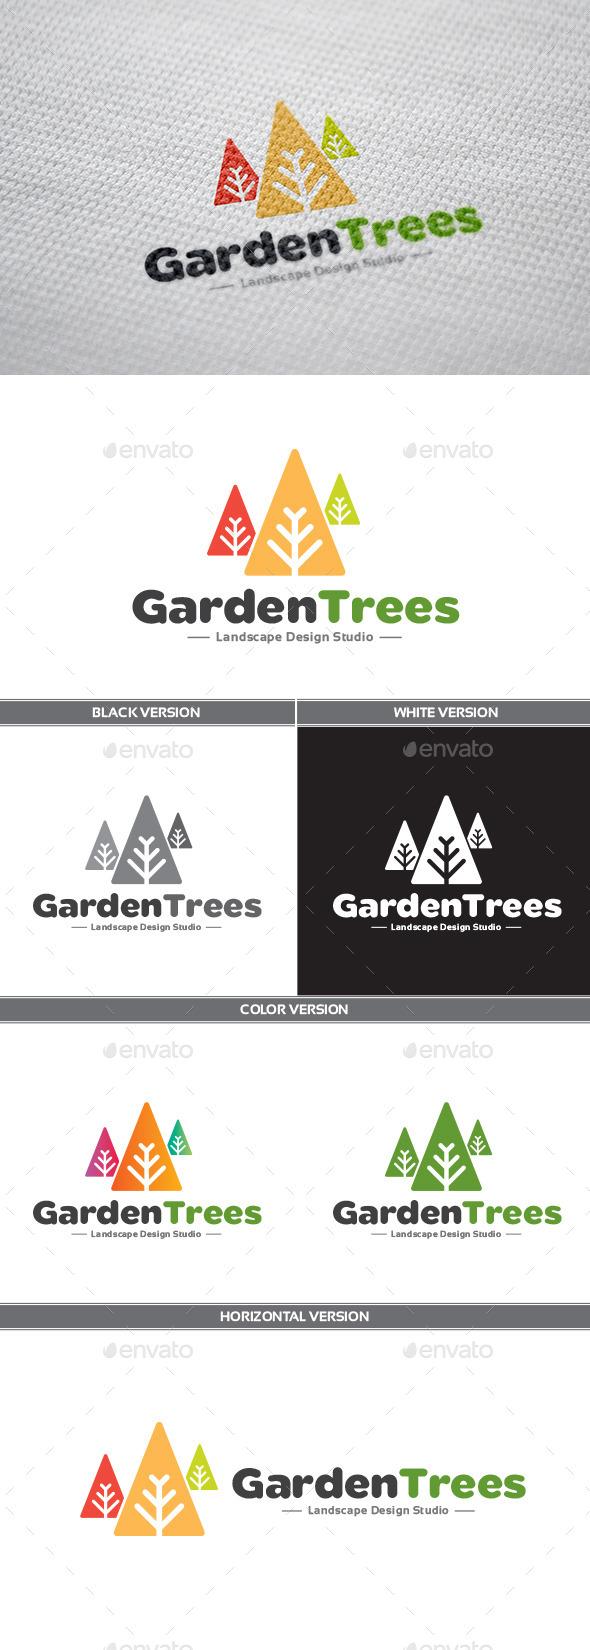 GardenTrees Logo